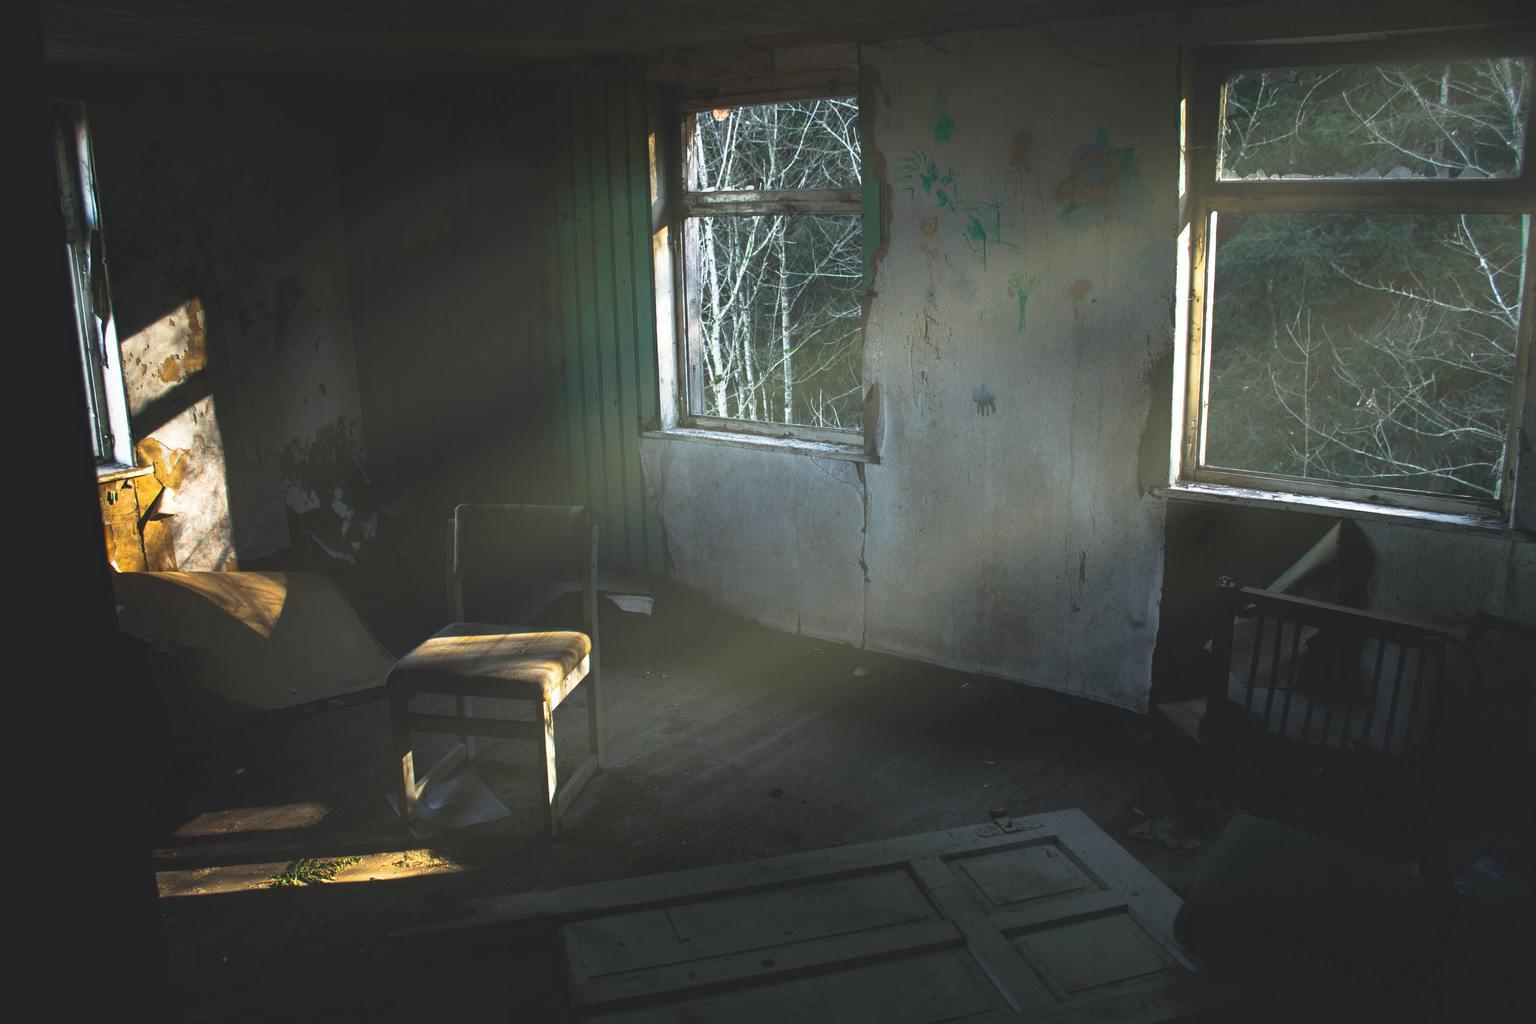 Lugar abandonado para fotoreto97